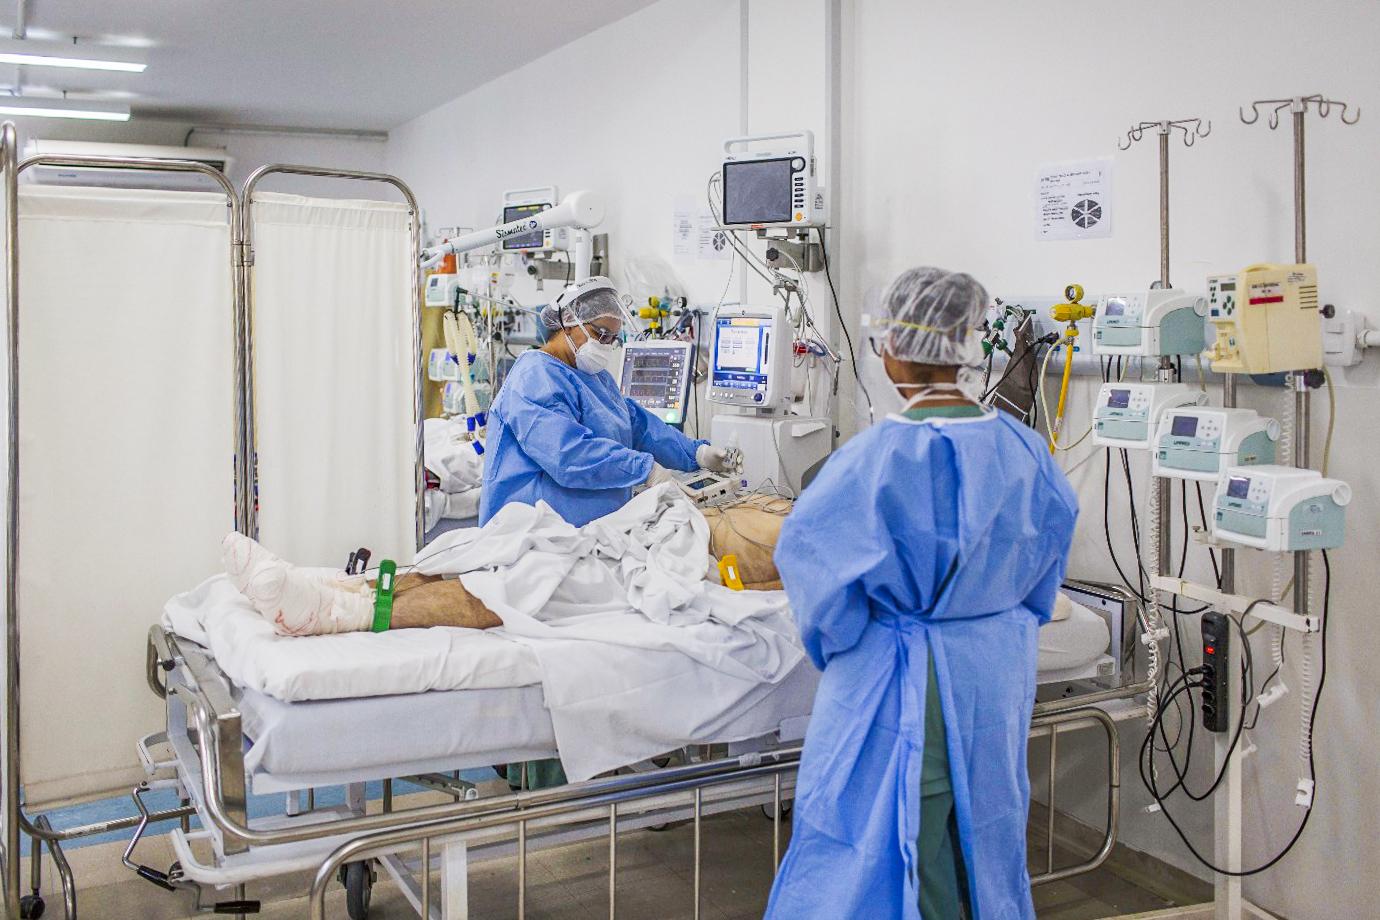 Infectado com variante do coronavírus no RJ morre; 5º caso no estado, com mutação do Reino Unido, é confirmado